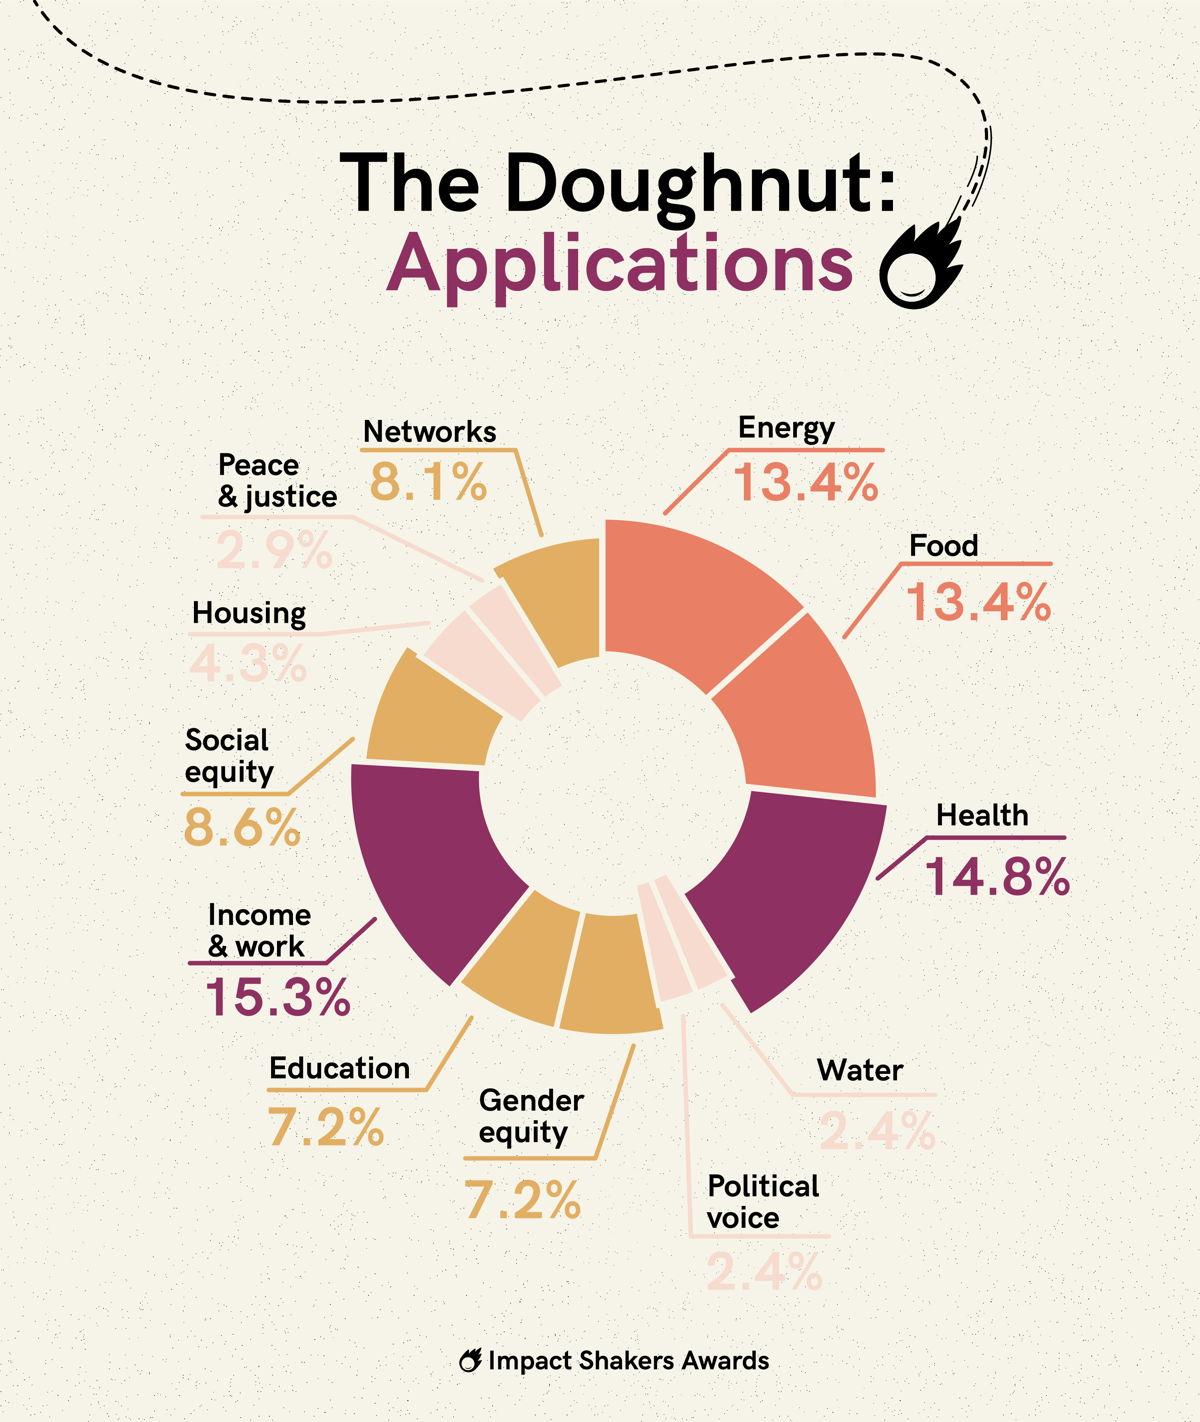 Le modèle économique du donut: applications